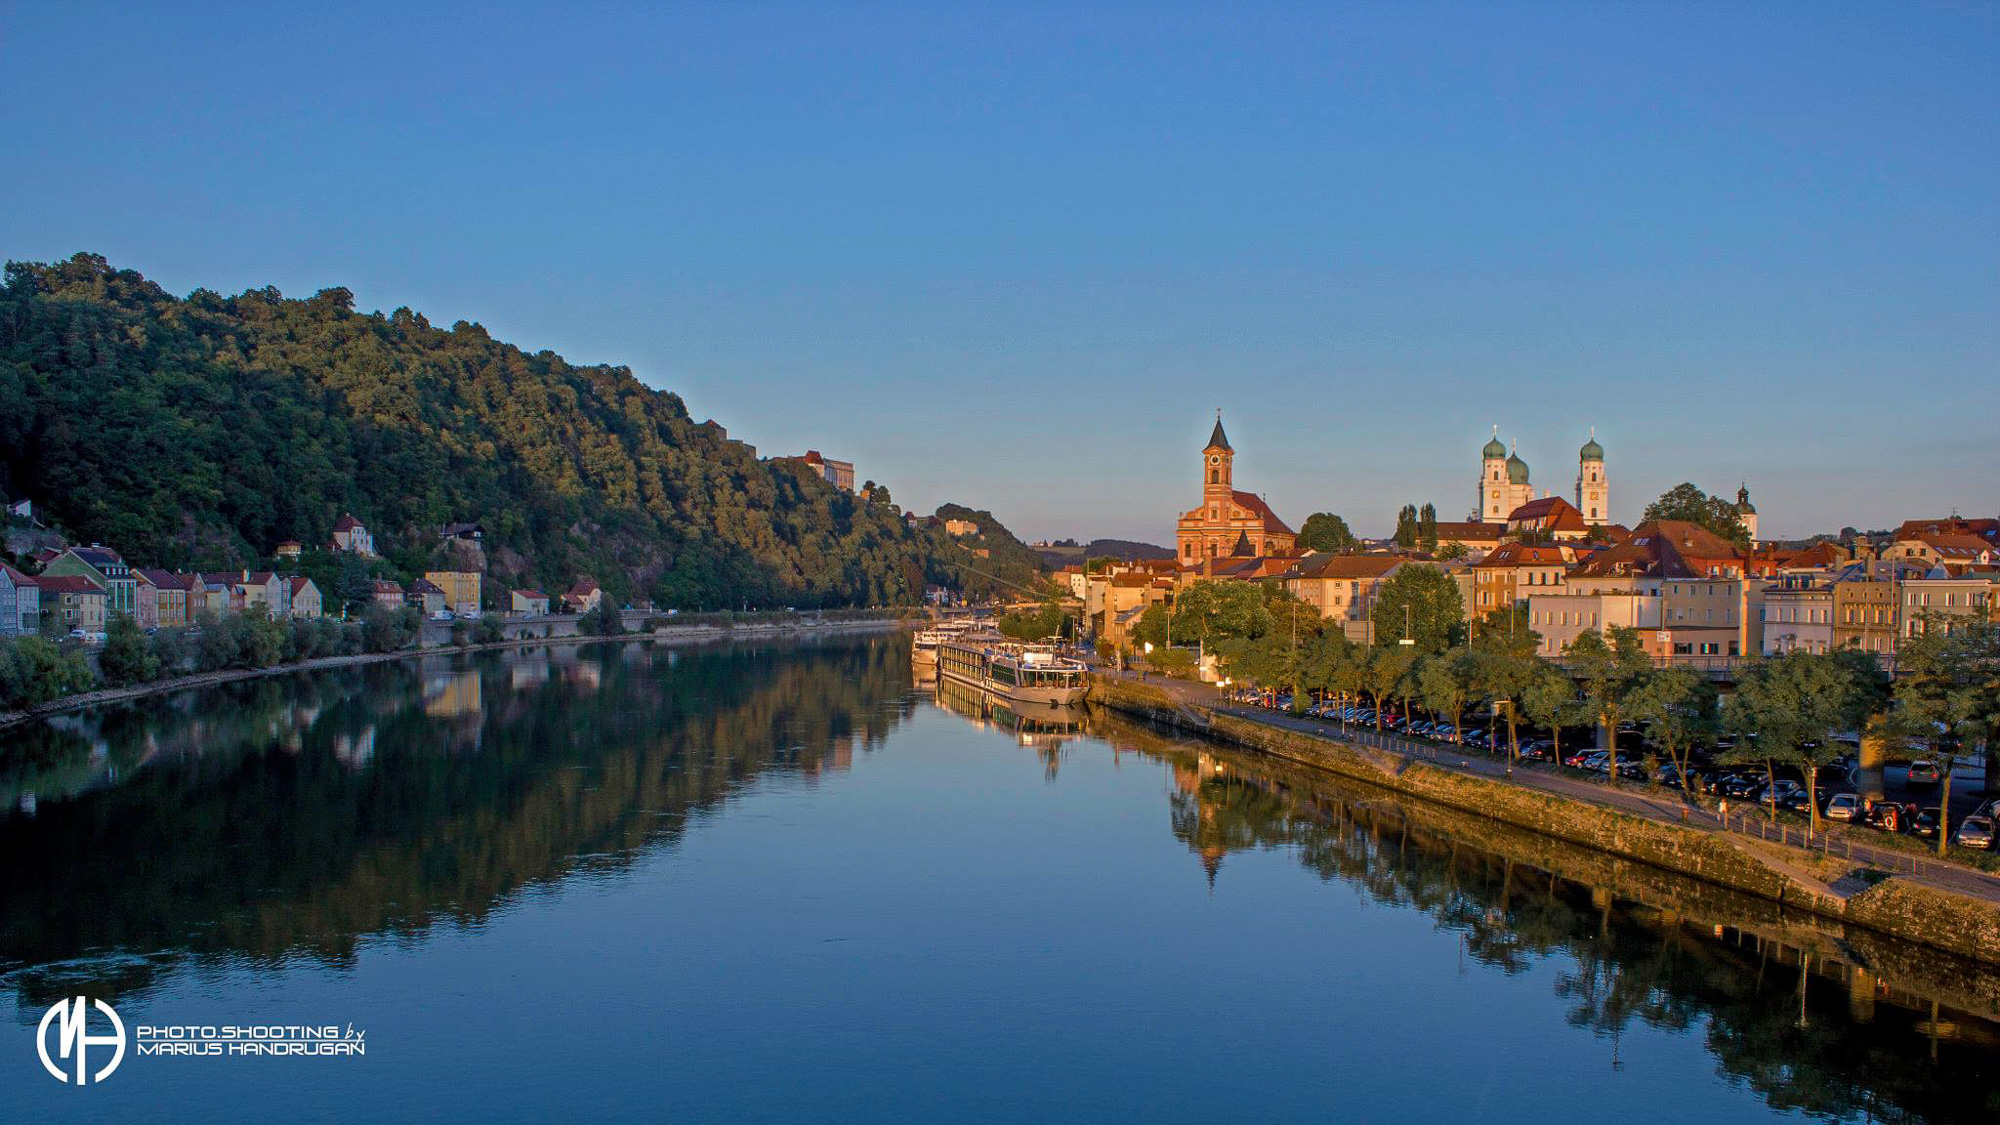 Sonnenuntergang über der Donau